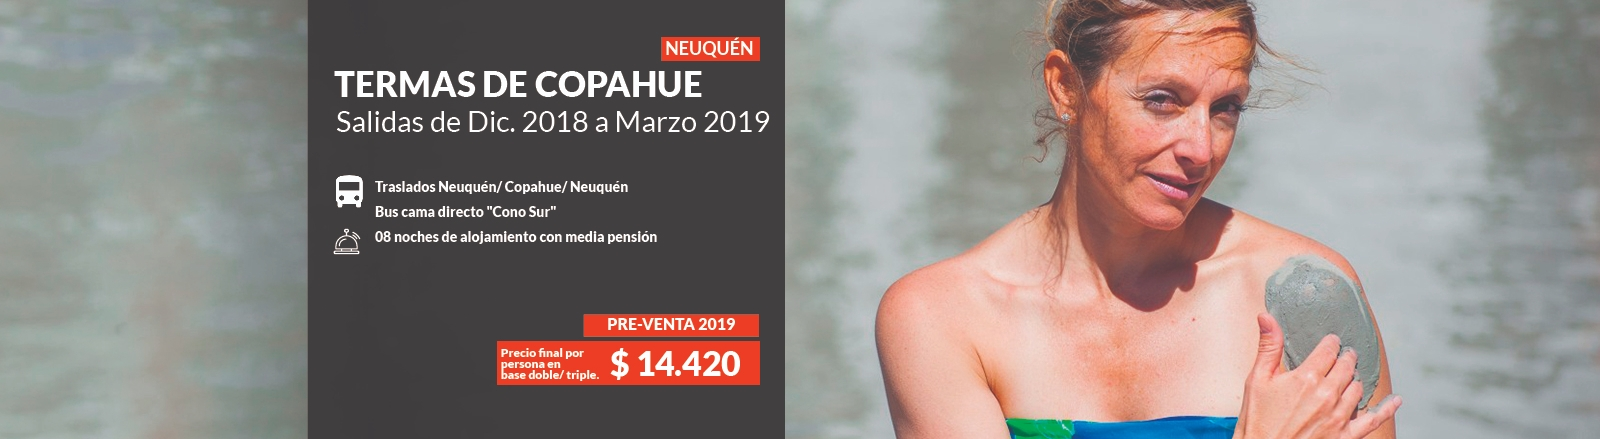 Pre venta Termas de Copahue 2019